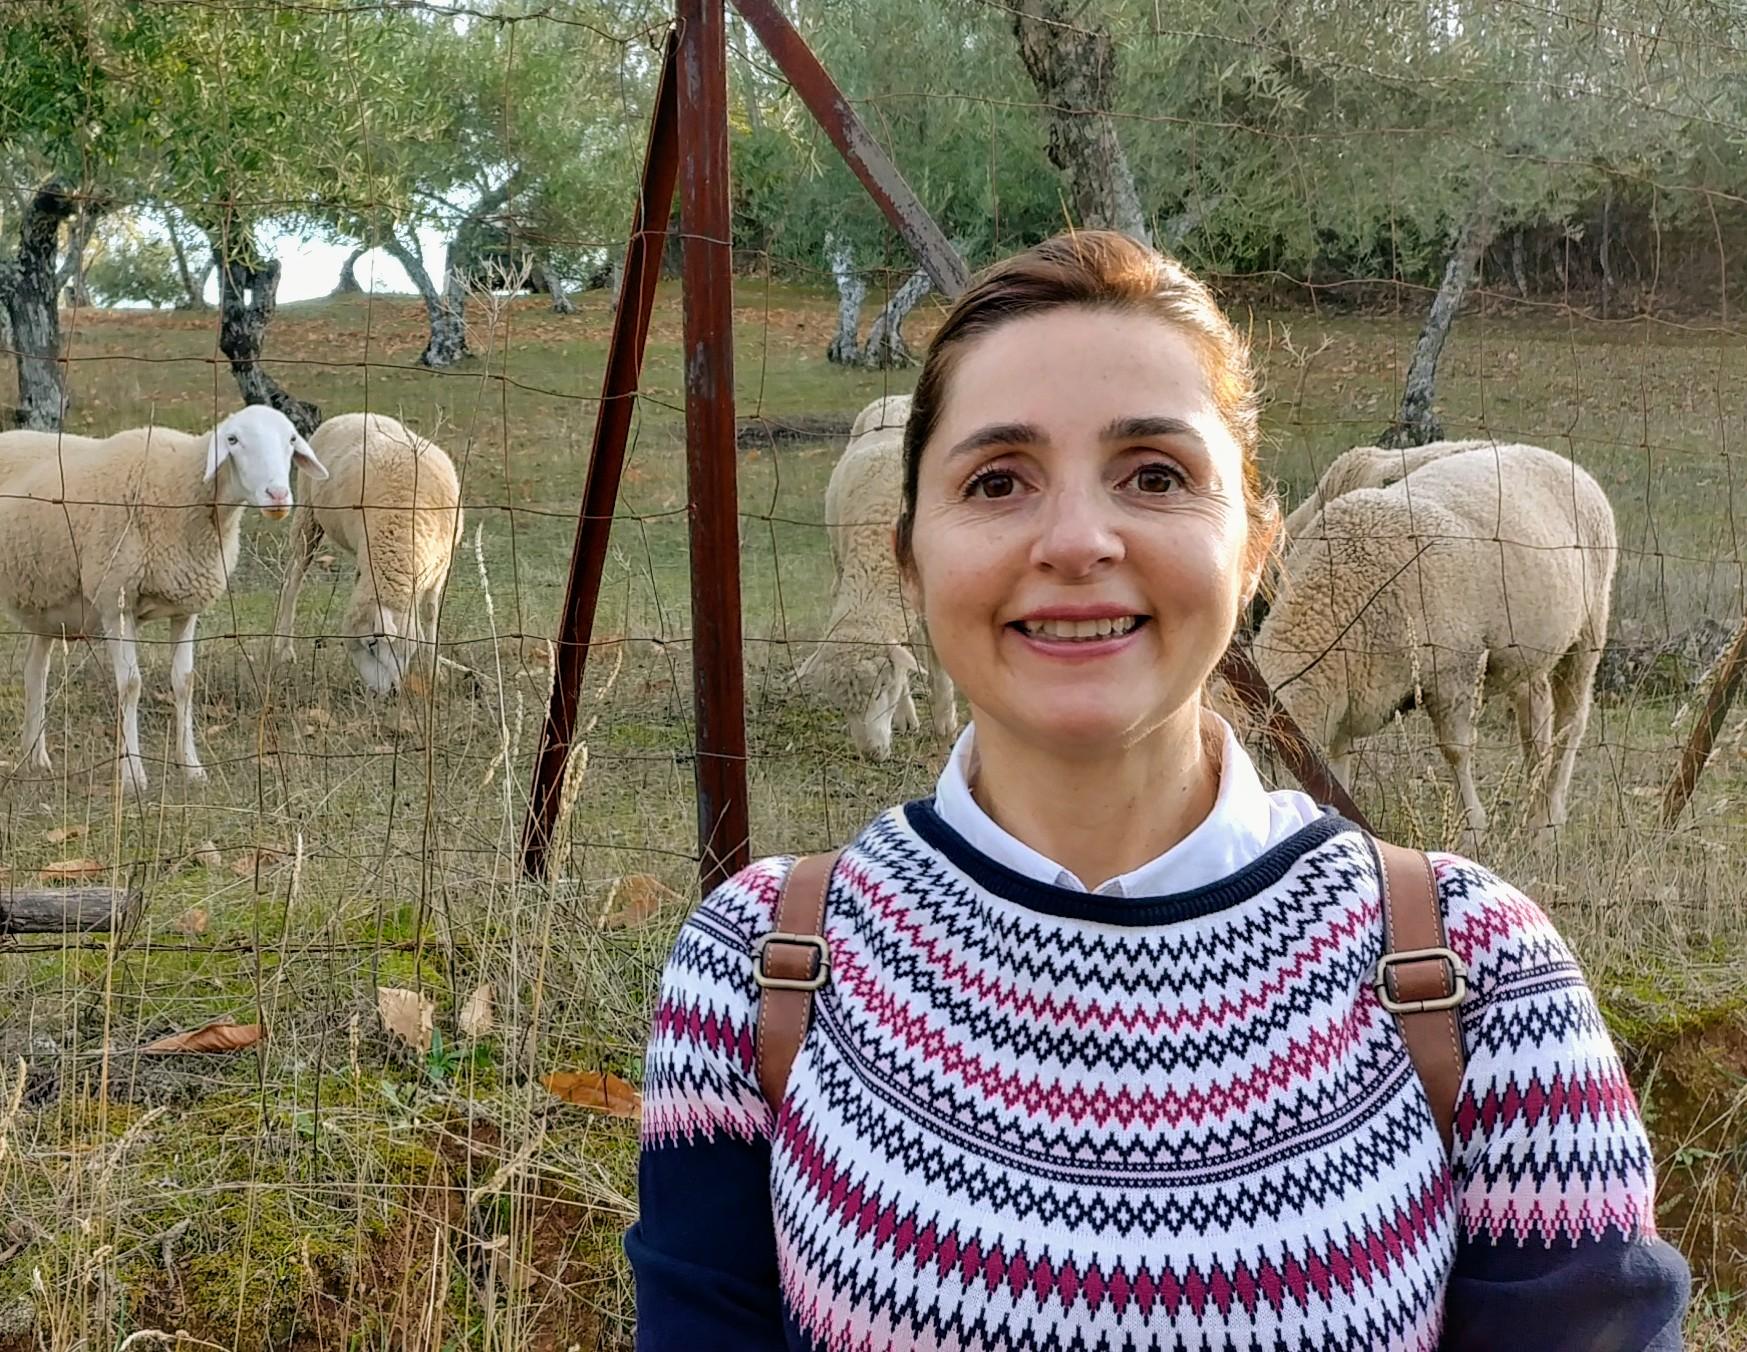 Olimpia Muñoz